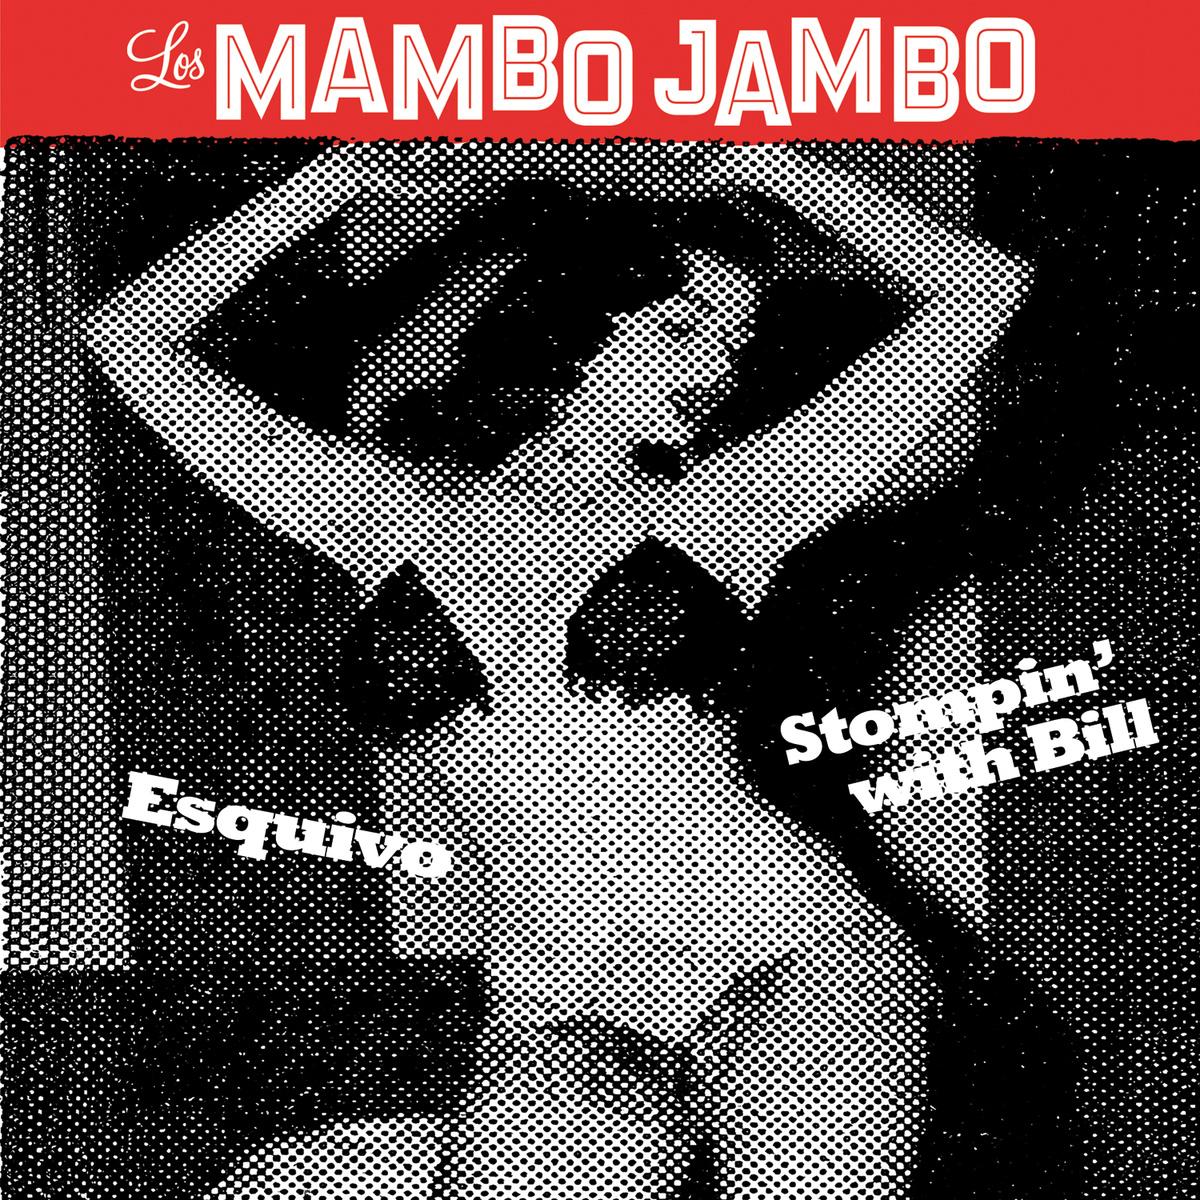 Mambo Jambo - Esquivo